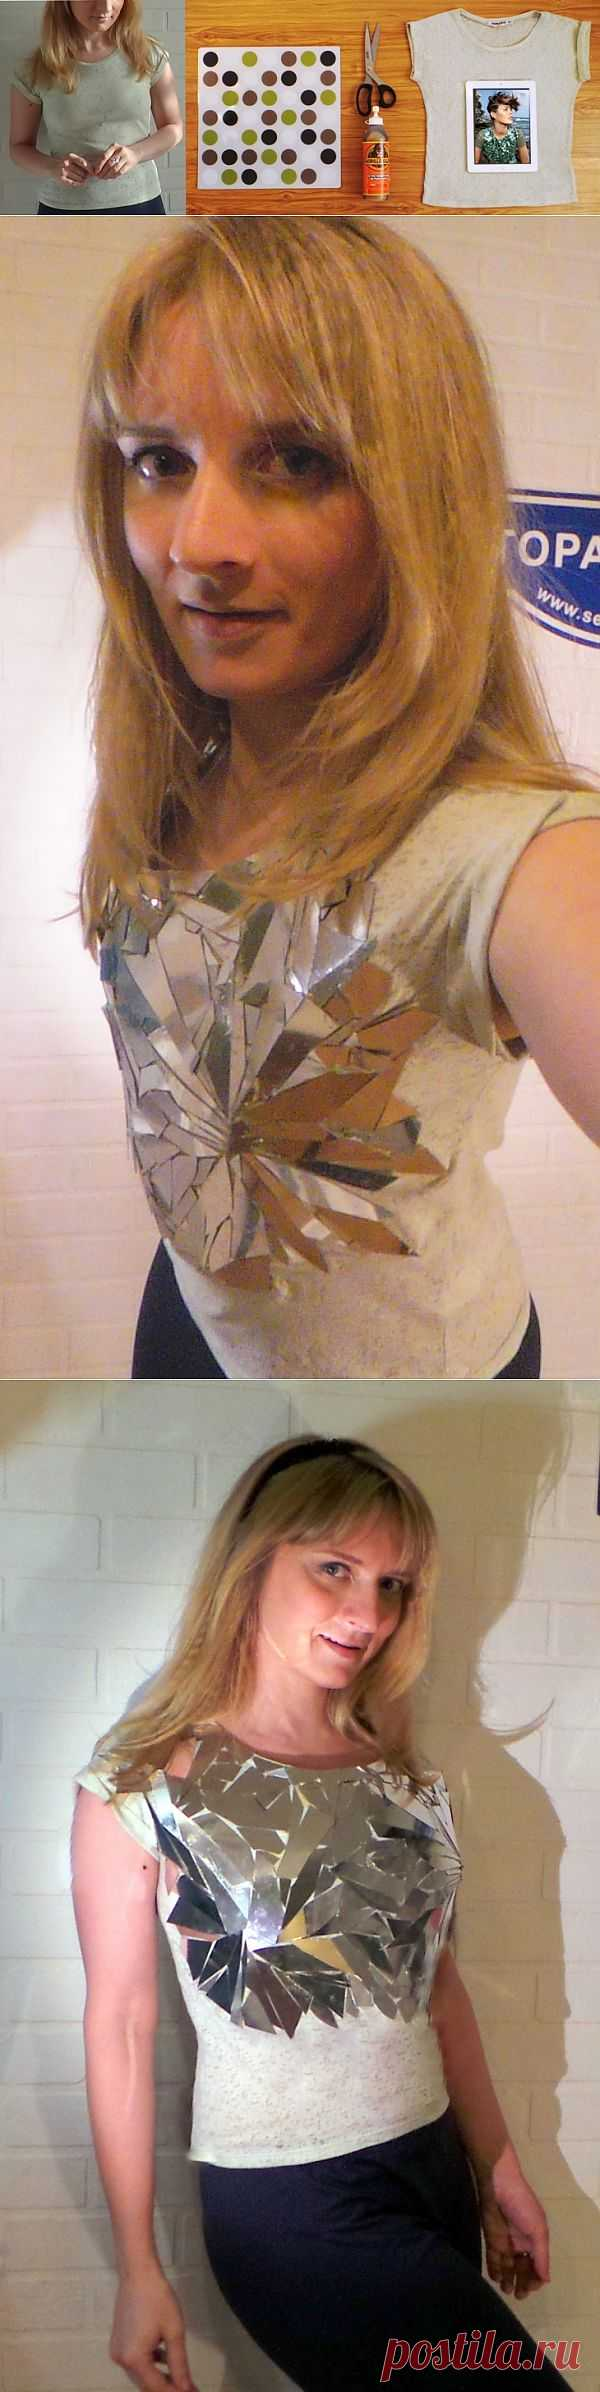 Зеркальная футболка (DIY) / Креатив / Модный сайт о стильной переделке одежды и интерьера